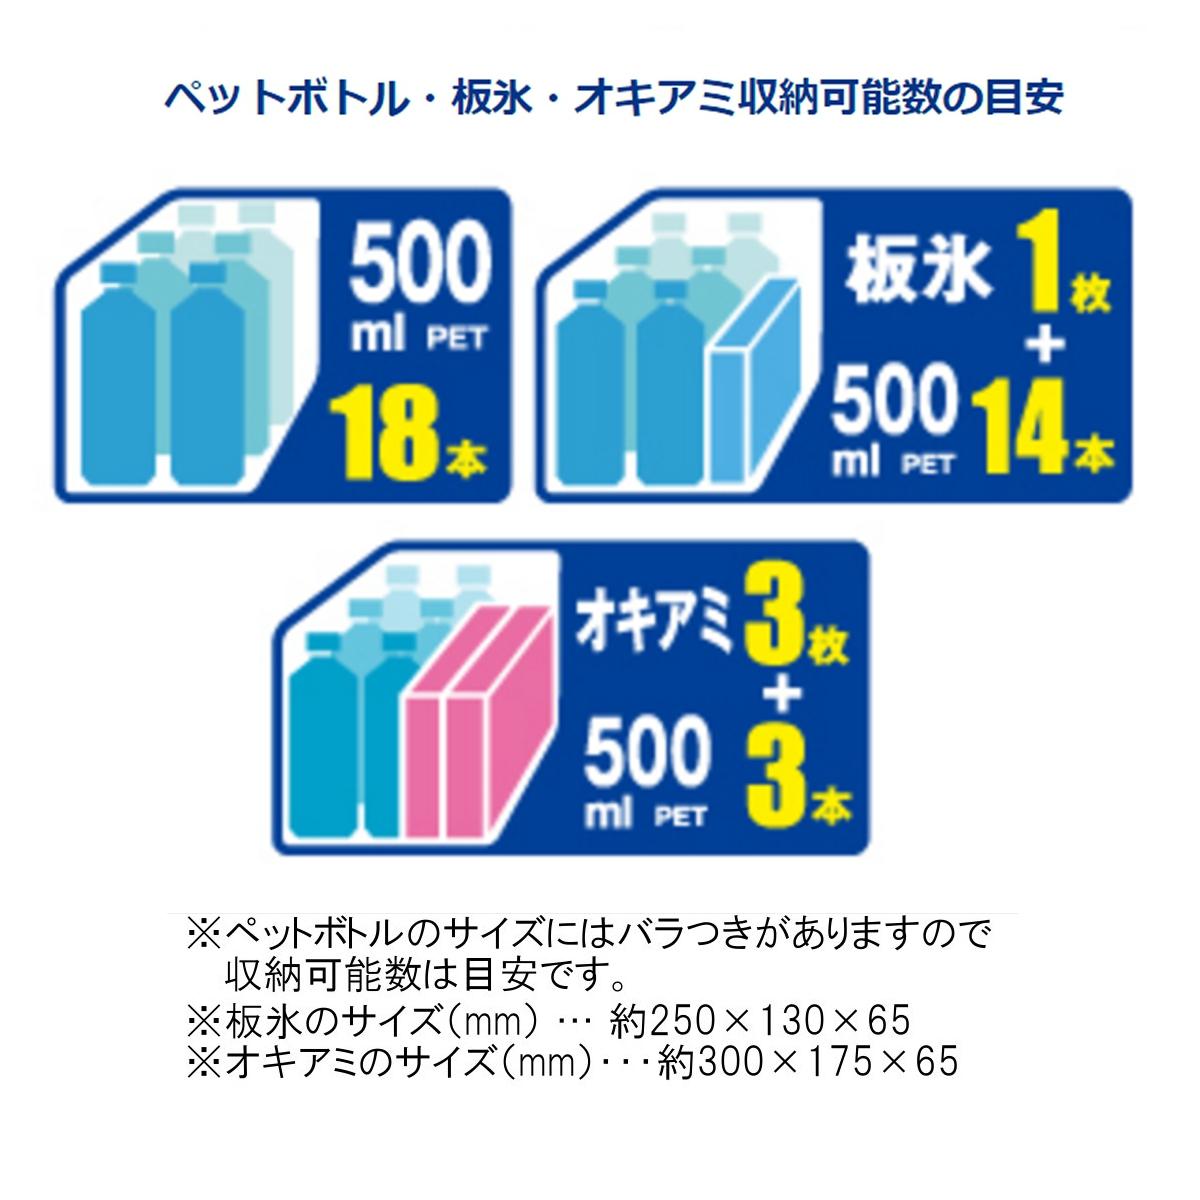 大和(Daiwa)酷线αII GU 2000蓝色冷气设备箱